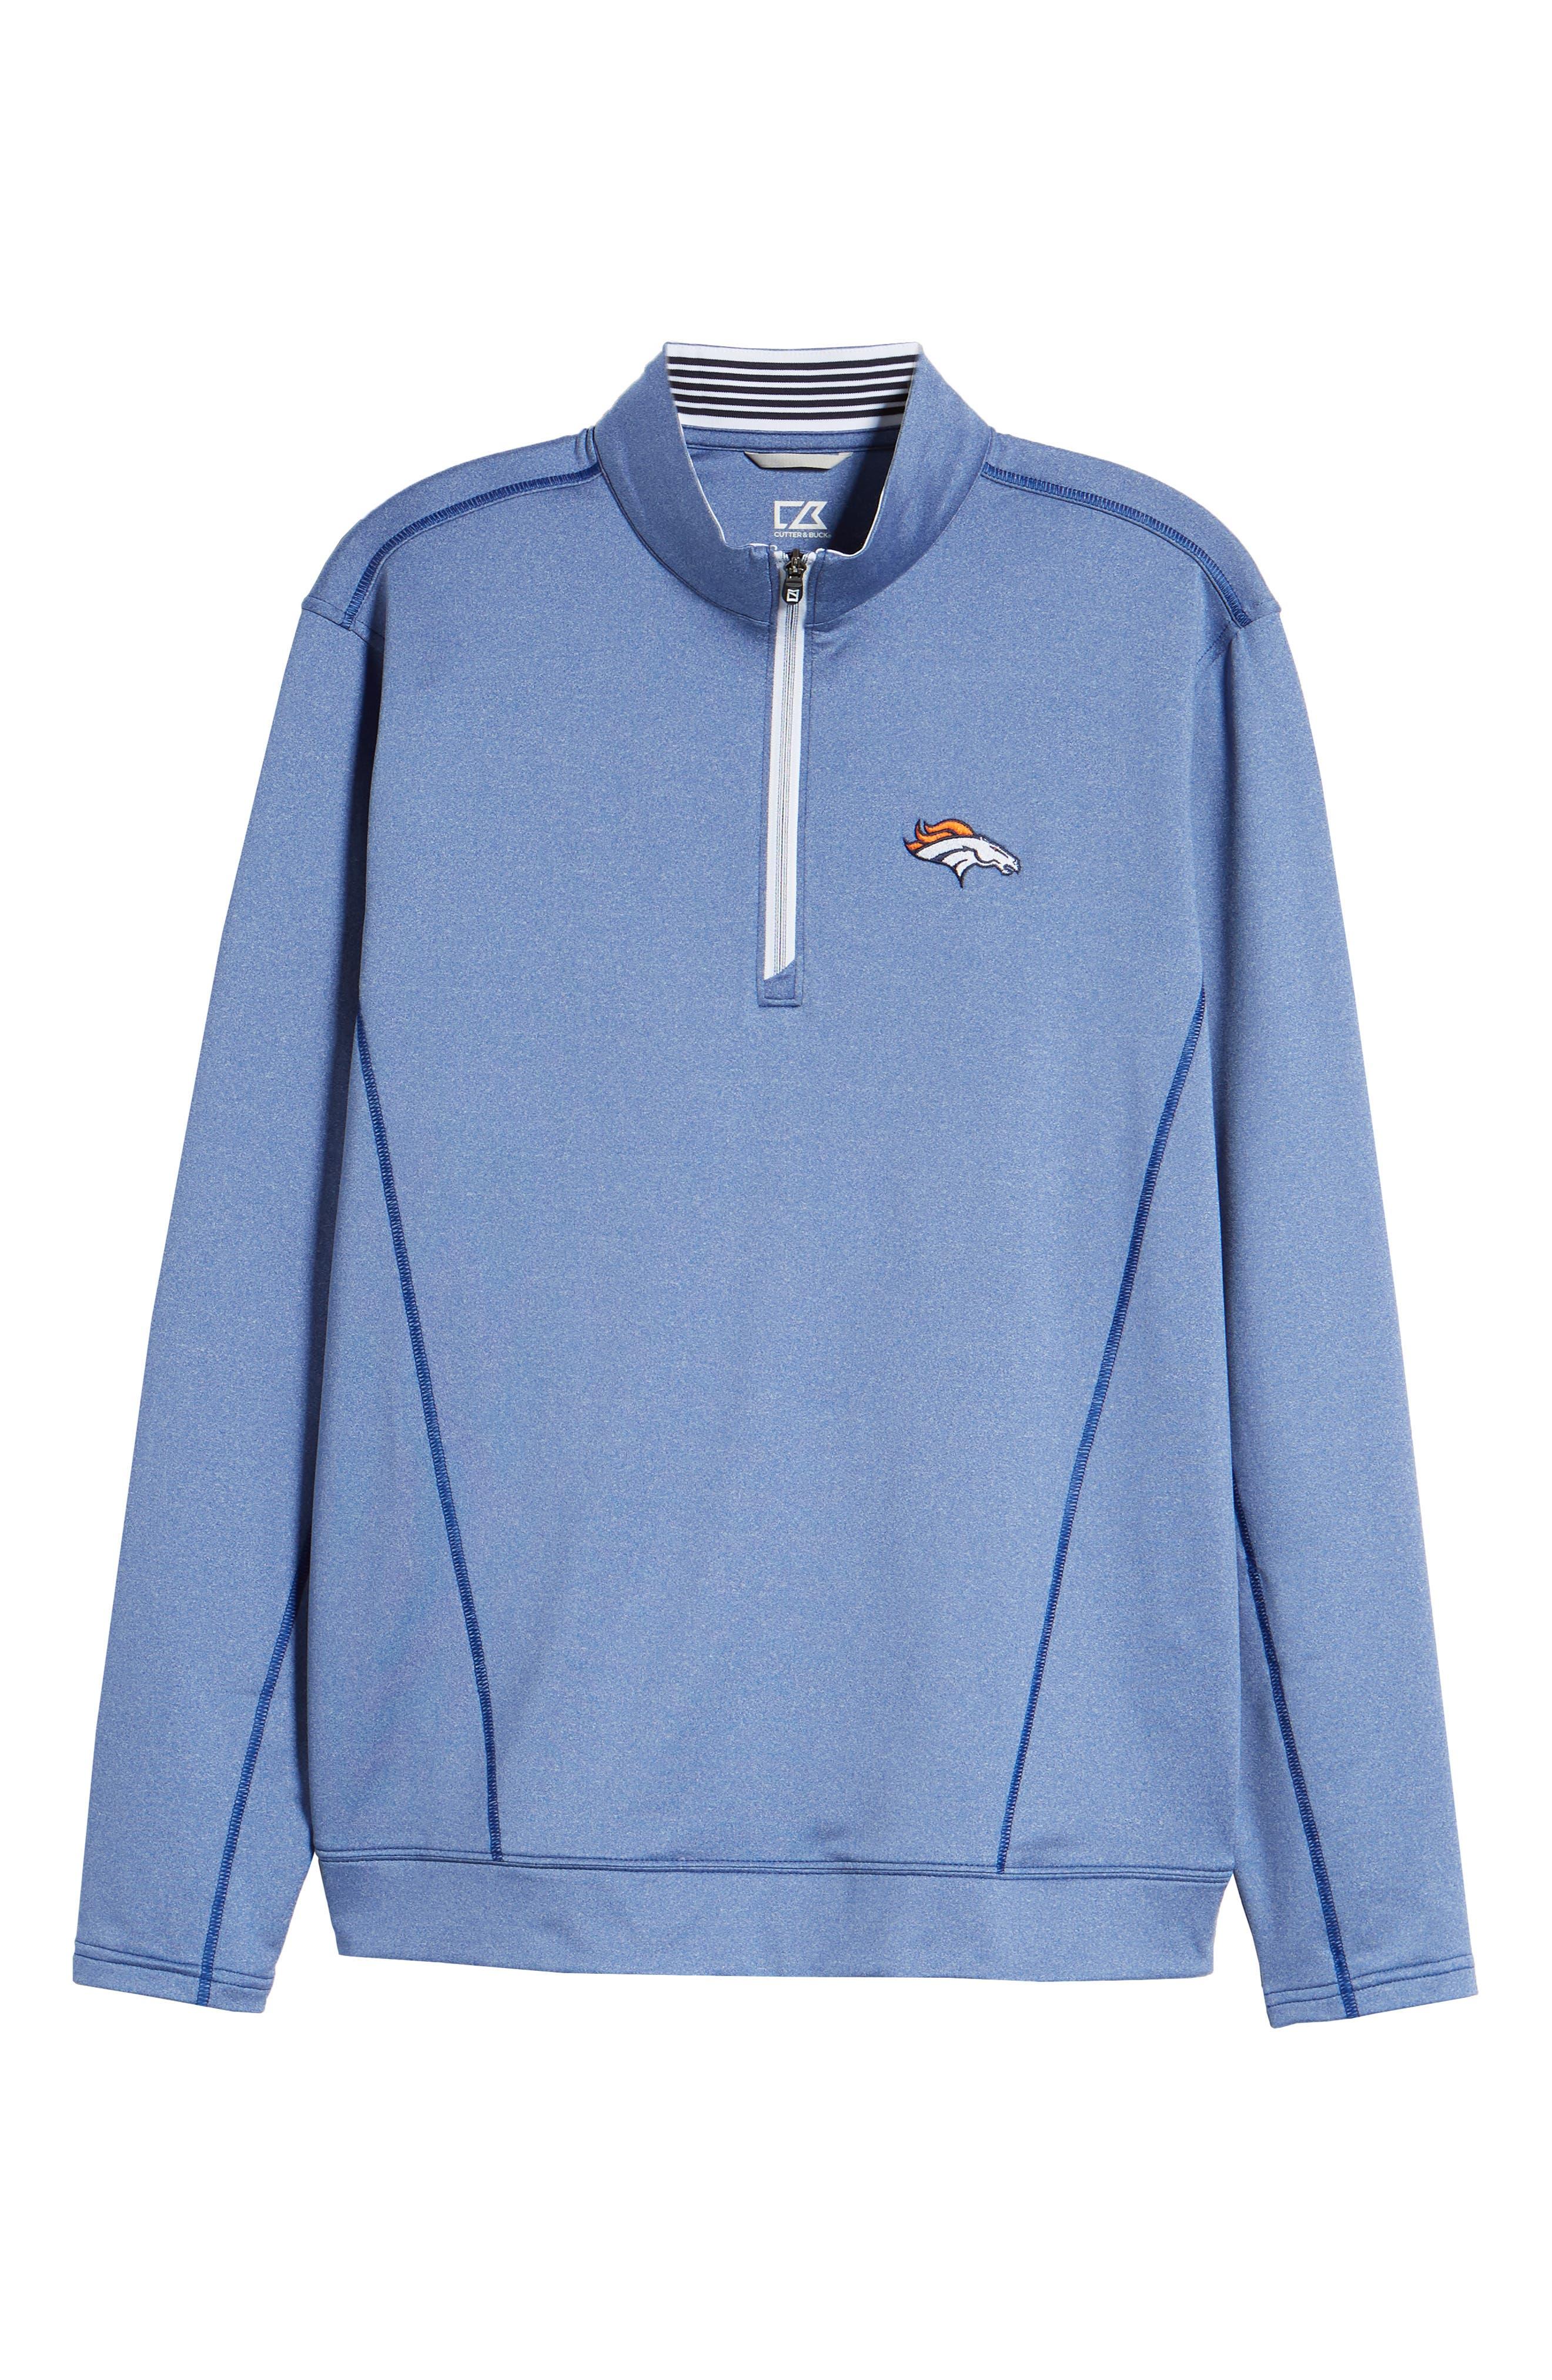 Endurance Denver Broncos Regular Fit Pullover,                             Alternate thumbnail 6, color,                             425